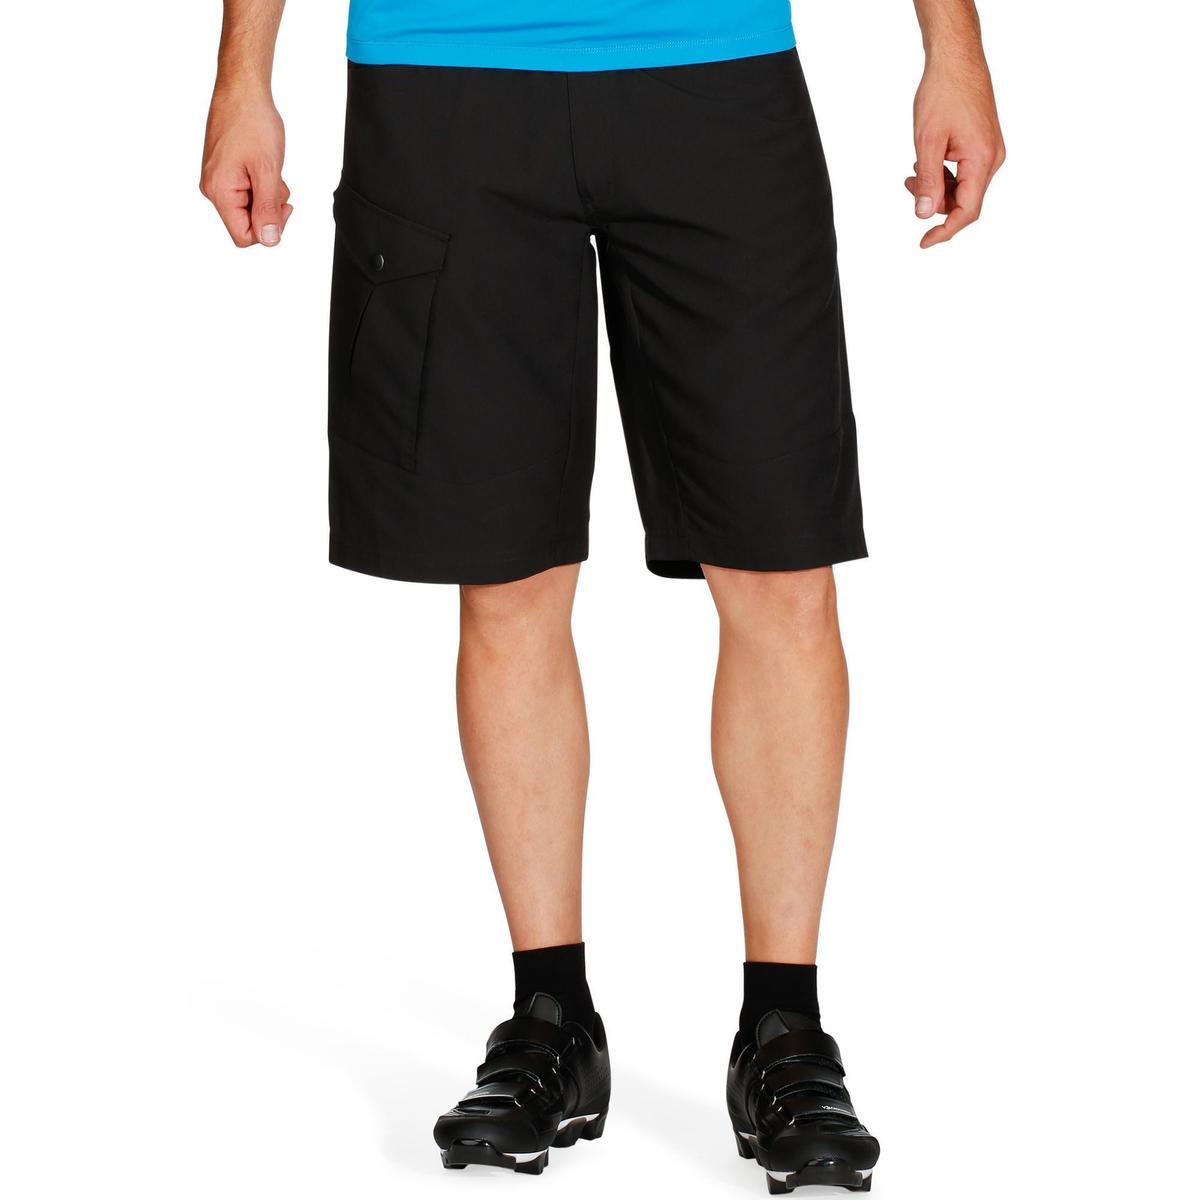 Bild 2 von MTB-Shorts 500 Herren schwarz